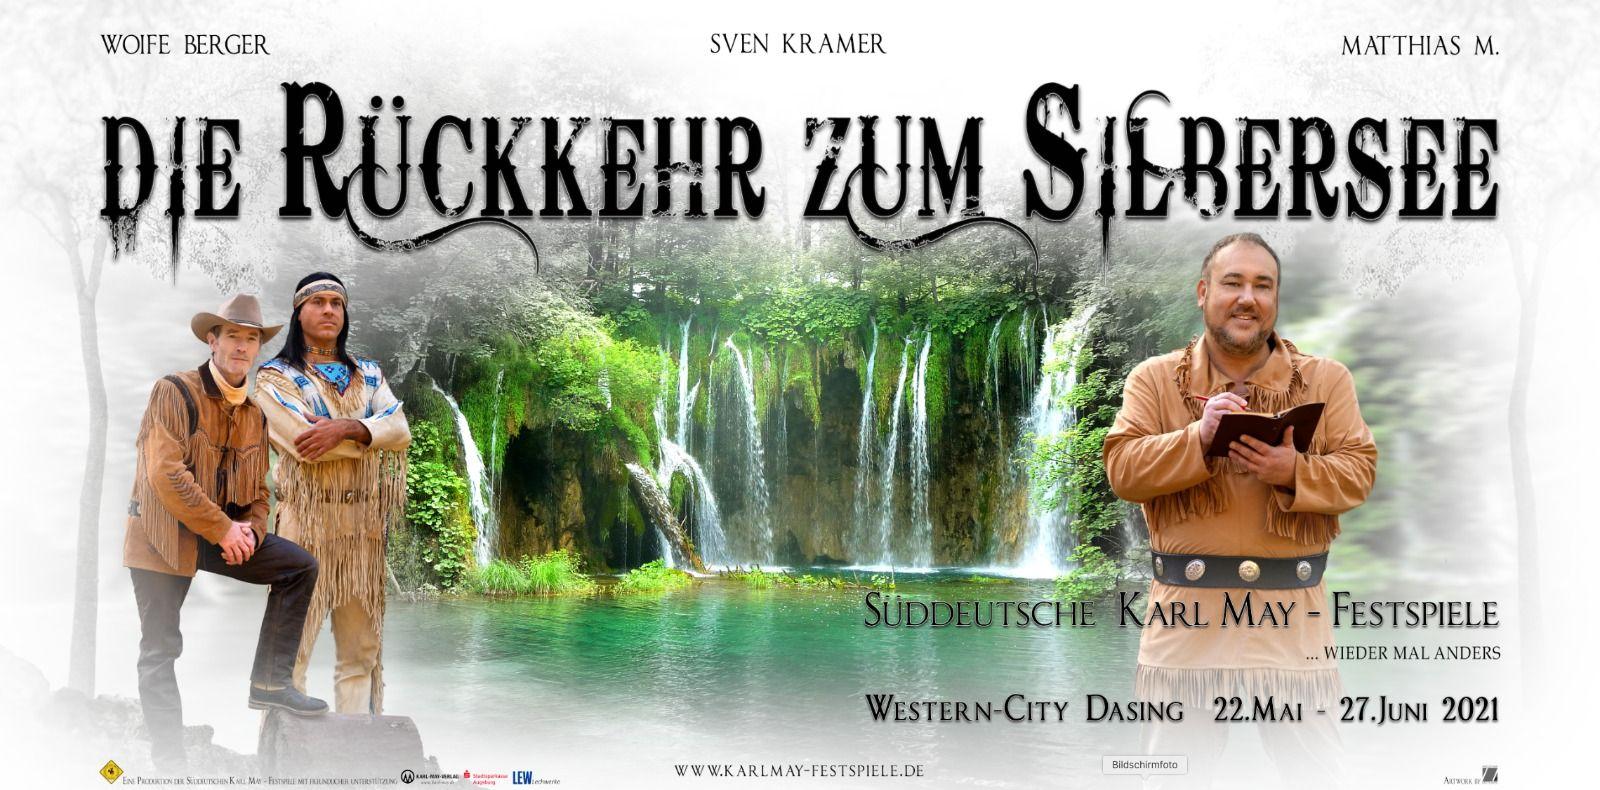 Die Rückkehr zum Silbersee - Inszenierung